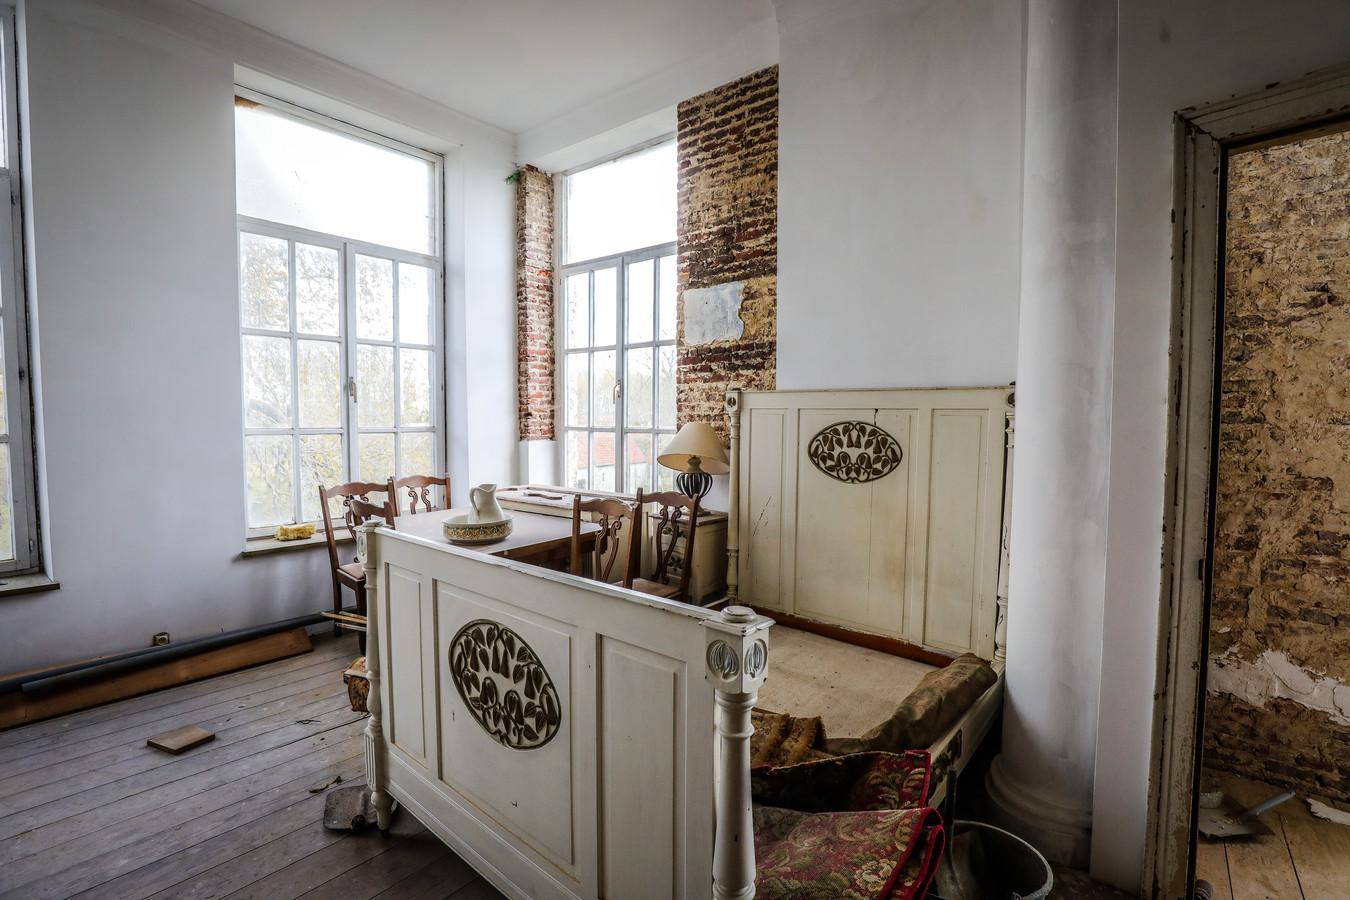 Enkele beelden van het interieur in het brouwerskasteel. Hier de kamer waar veldmaarschalk Foch ooit sliep